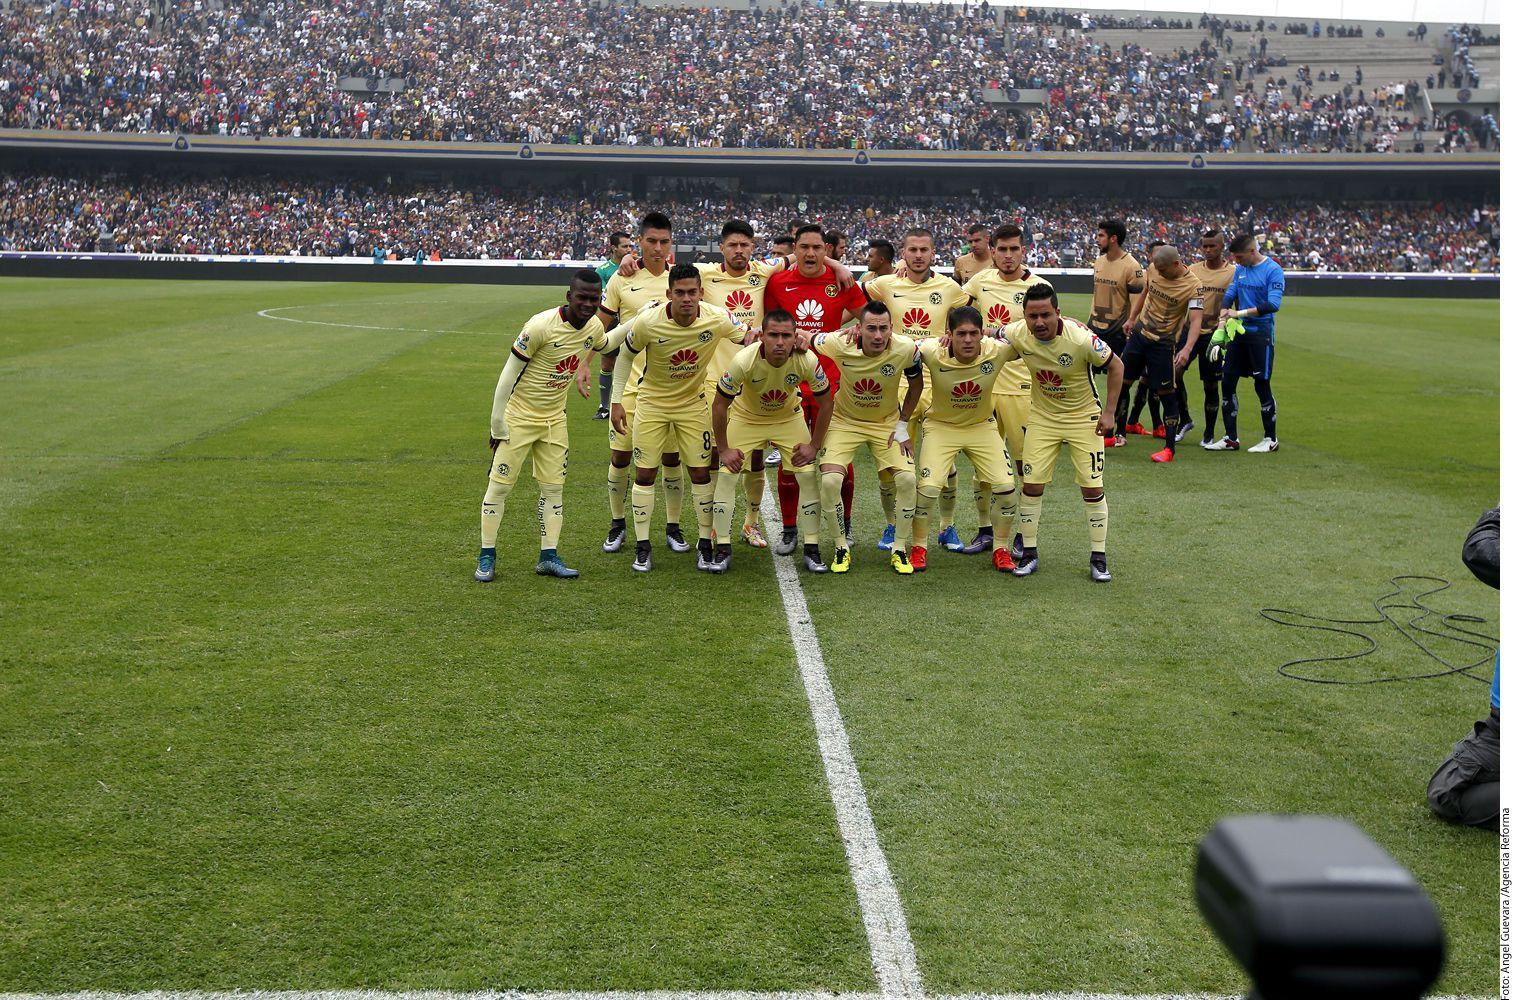 El América viene de ser eliminado por Pumas en las semifinales del torneo Apertura mexicano. / AGENCIA REFORMA